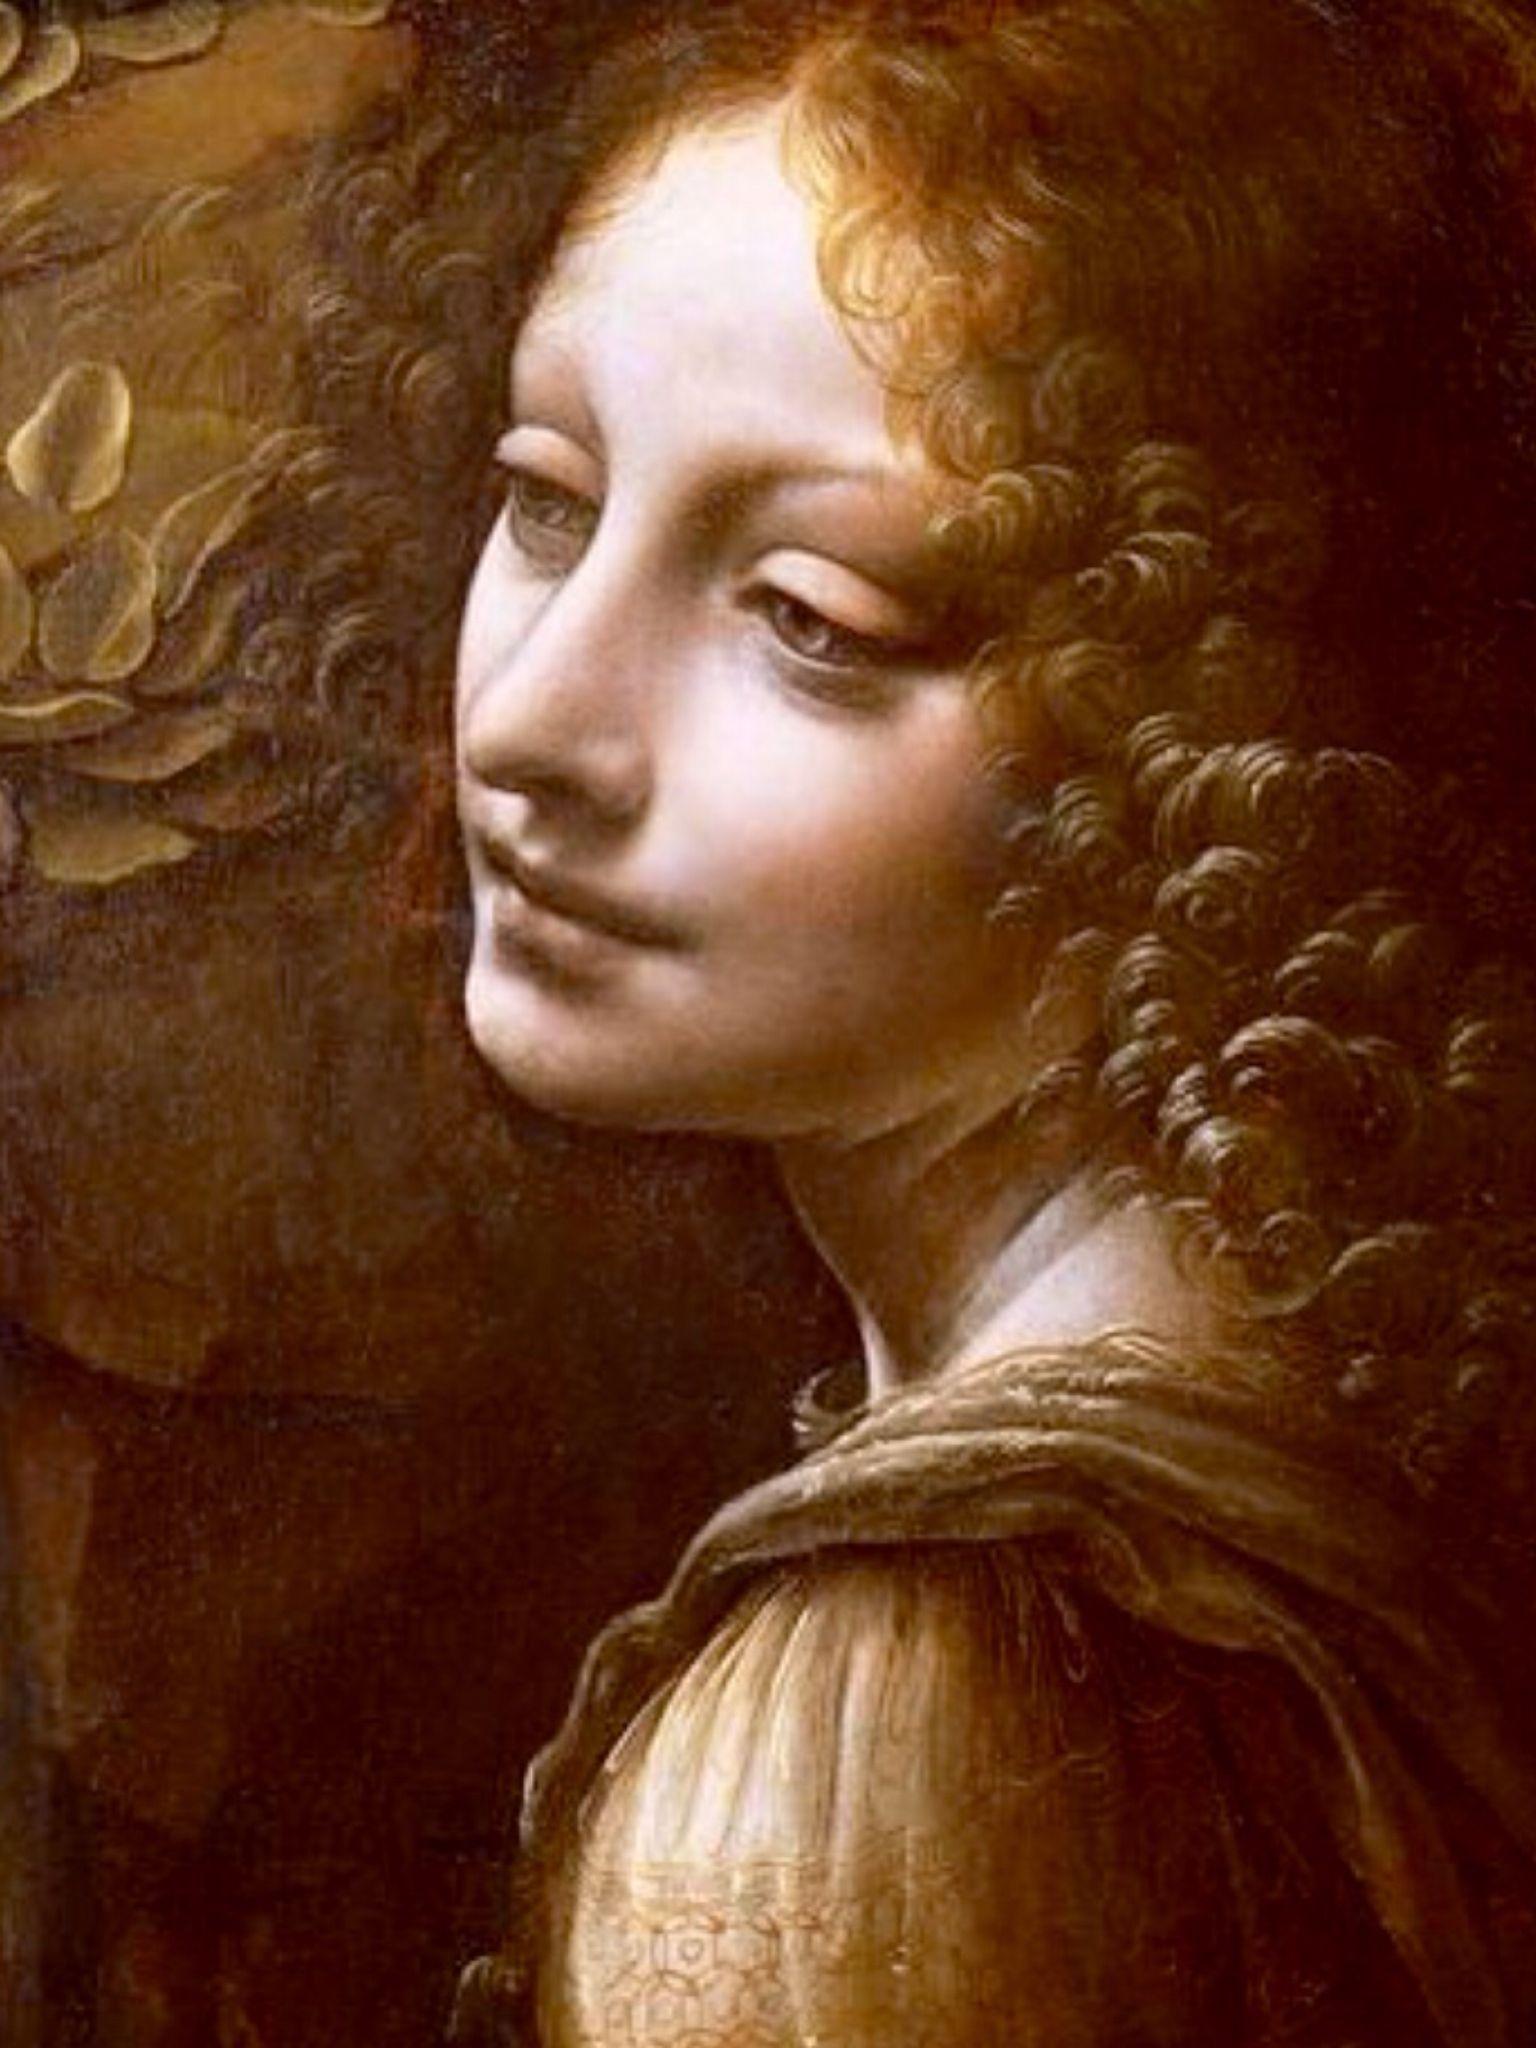 Conversaciones en tiempos de cuarentena: Sobre la belleza